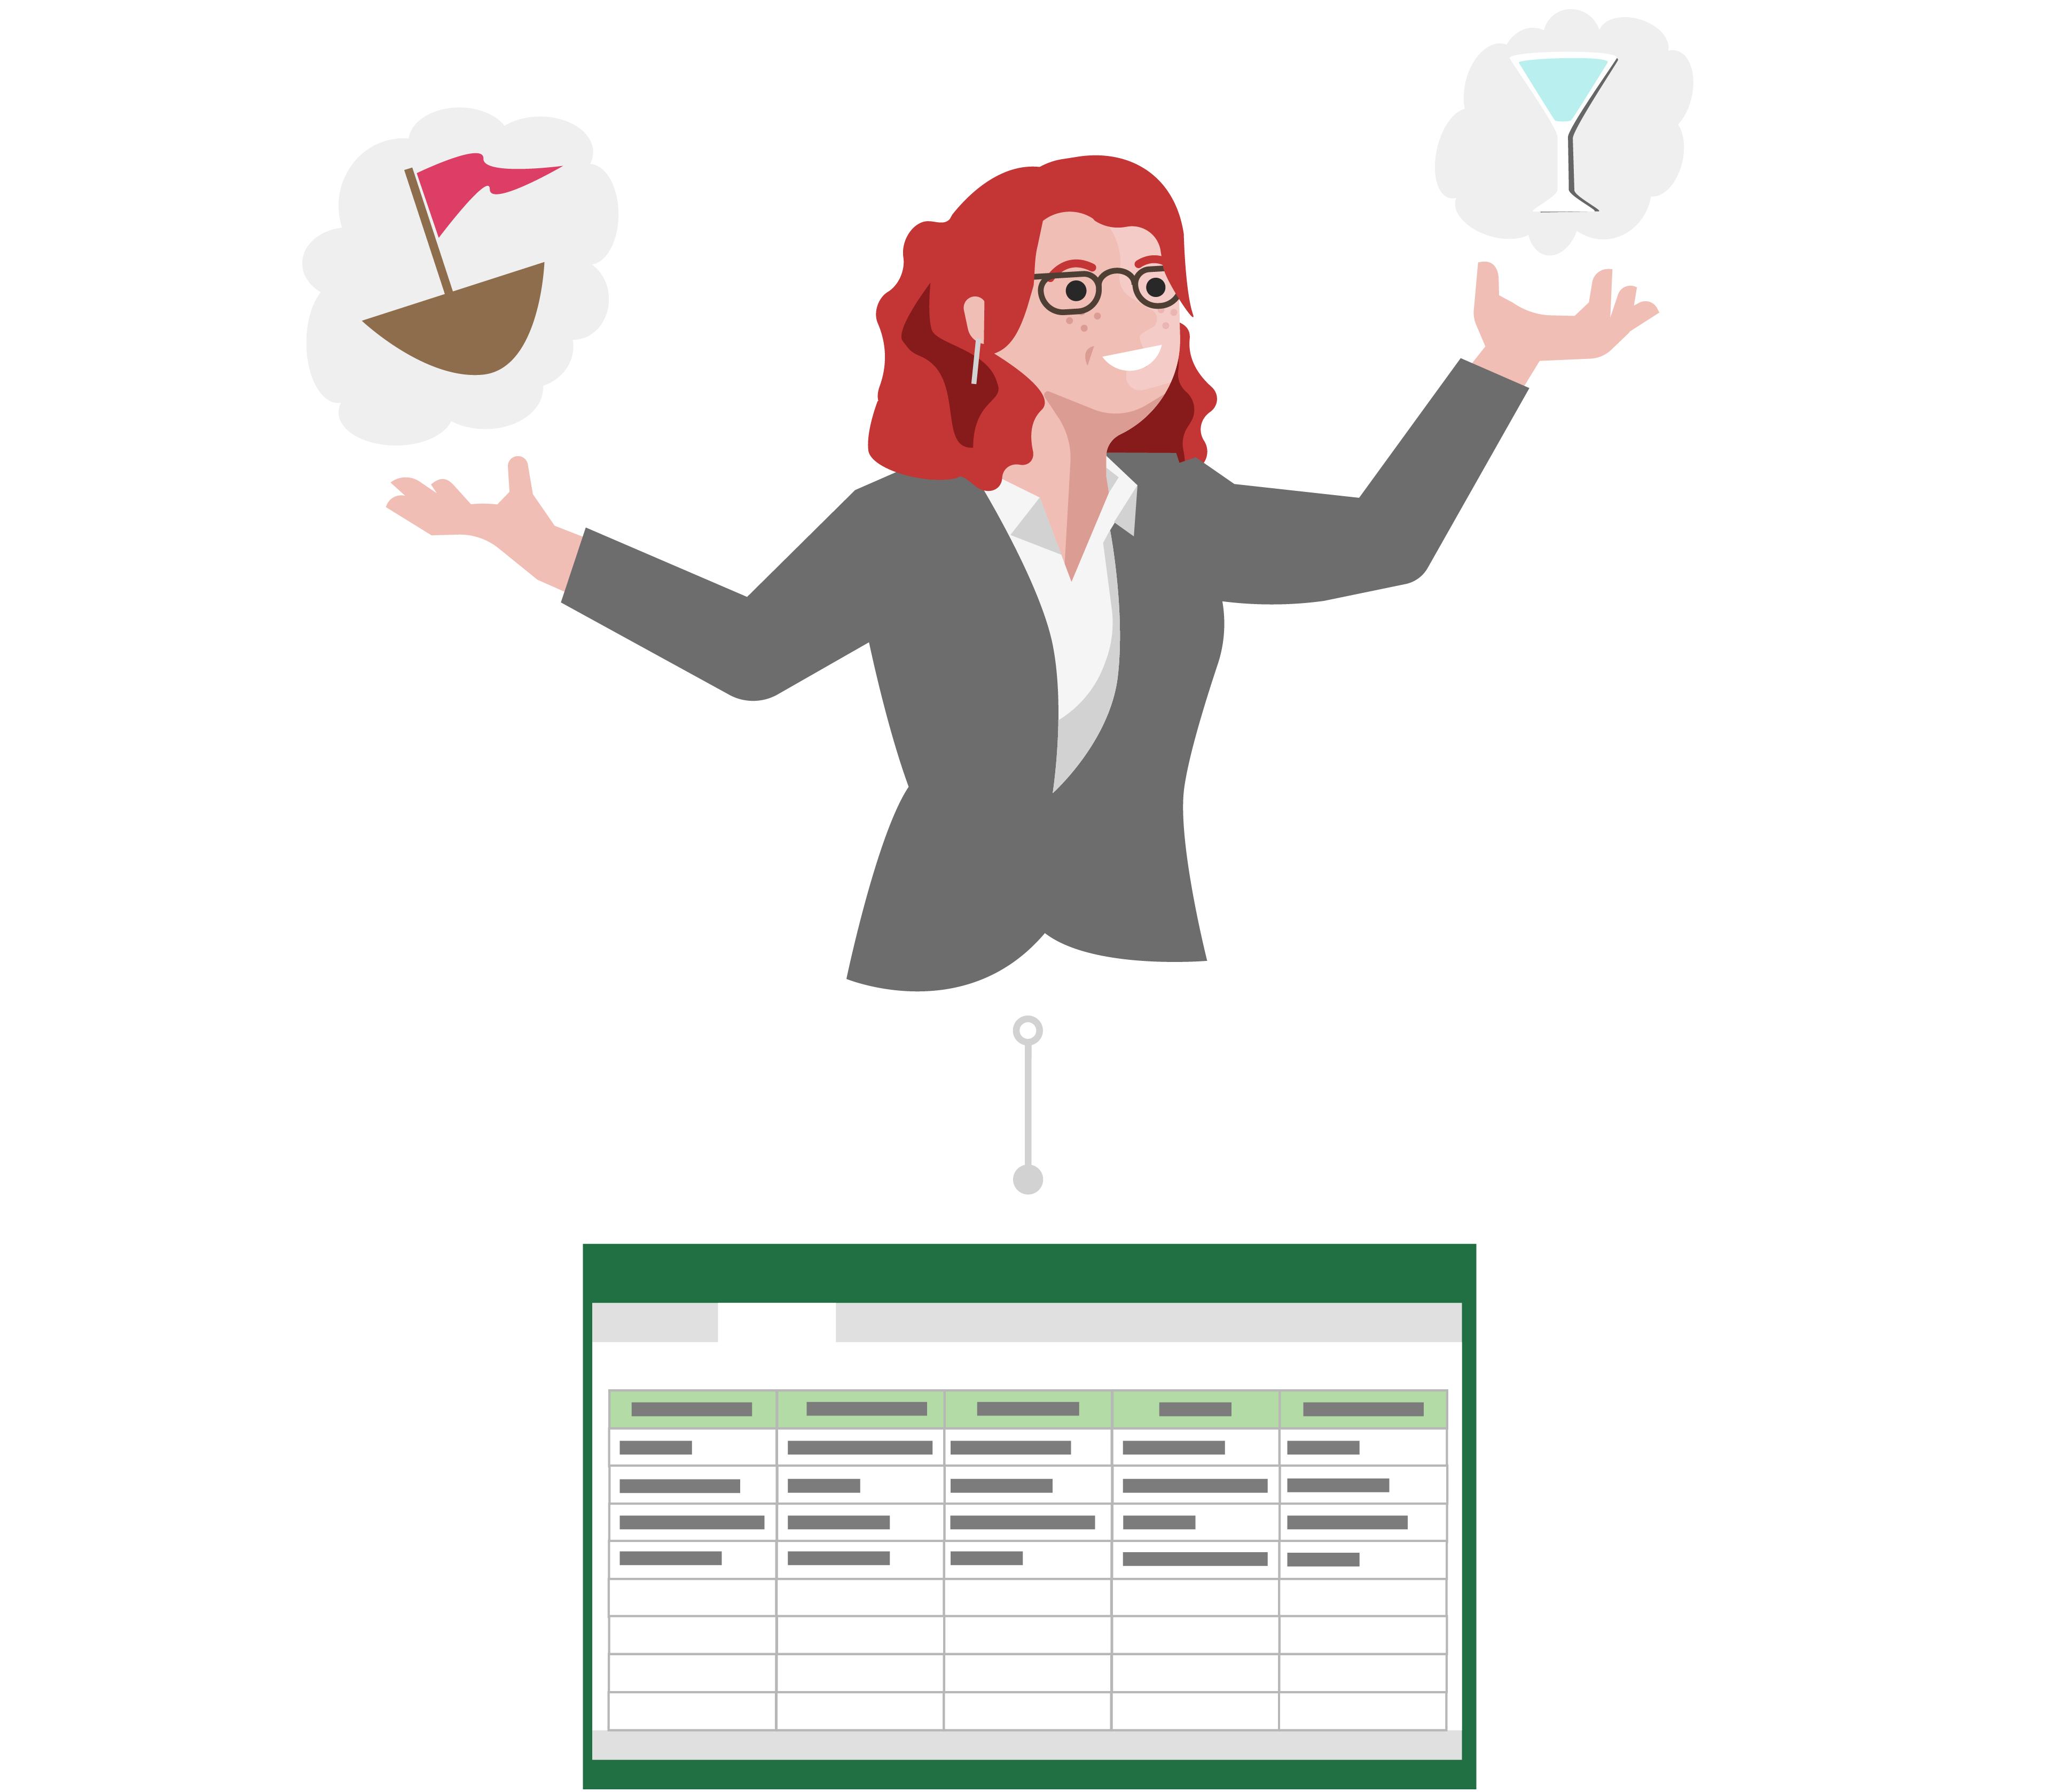 Linda a besoin de faire part de vos idées pour créer une feuille de calcul et enregistrer dans le Cloud.